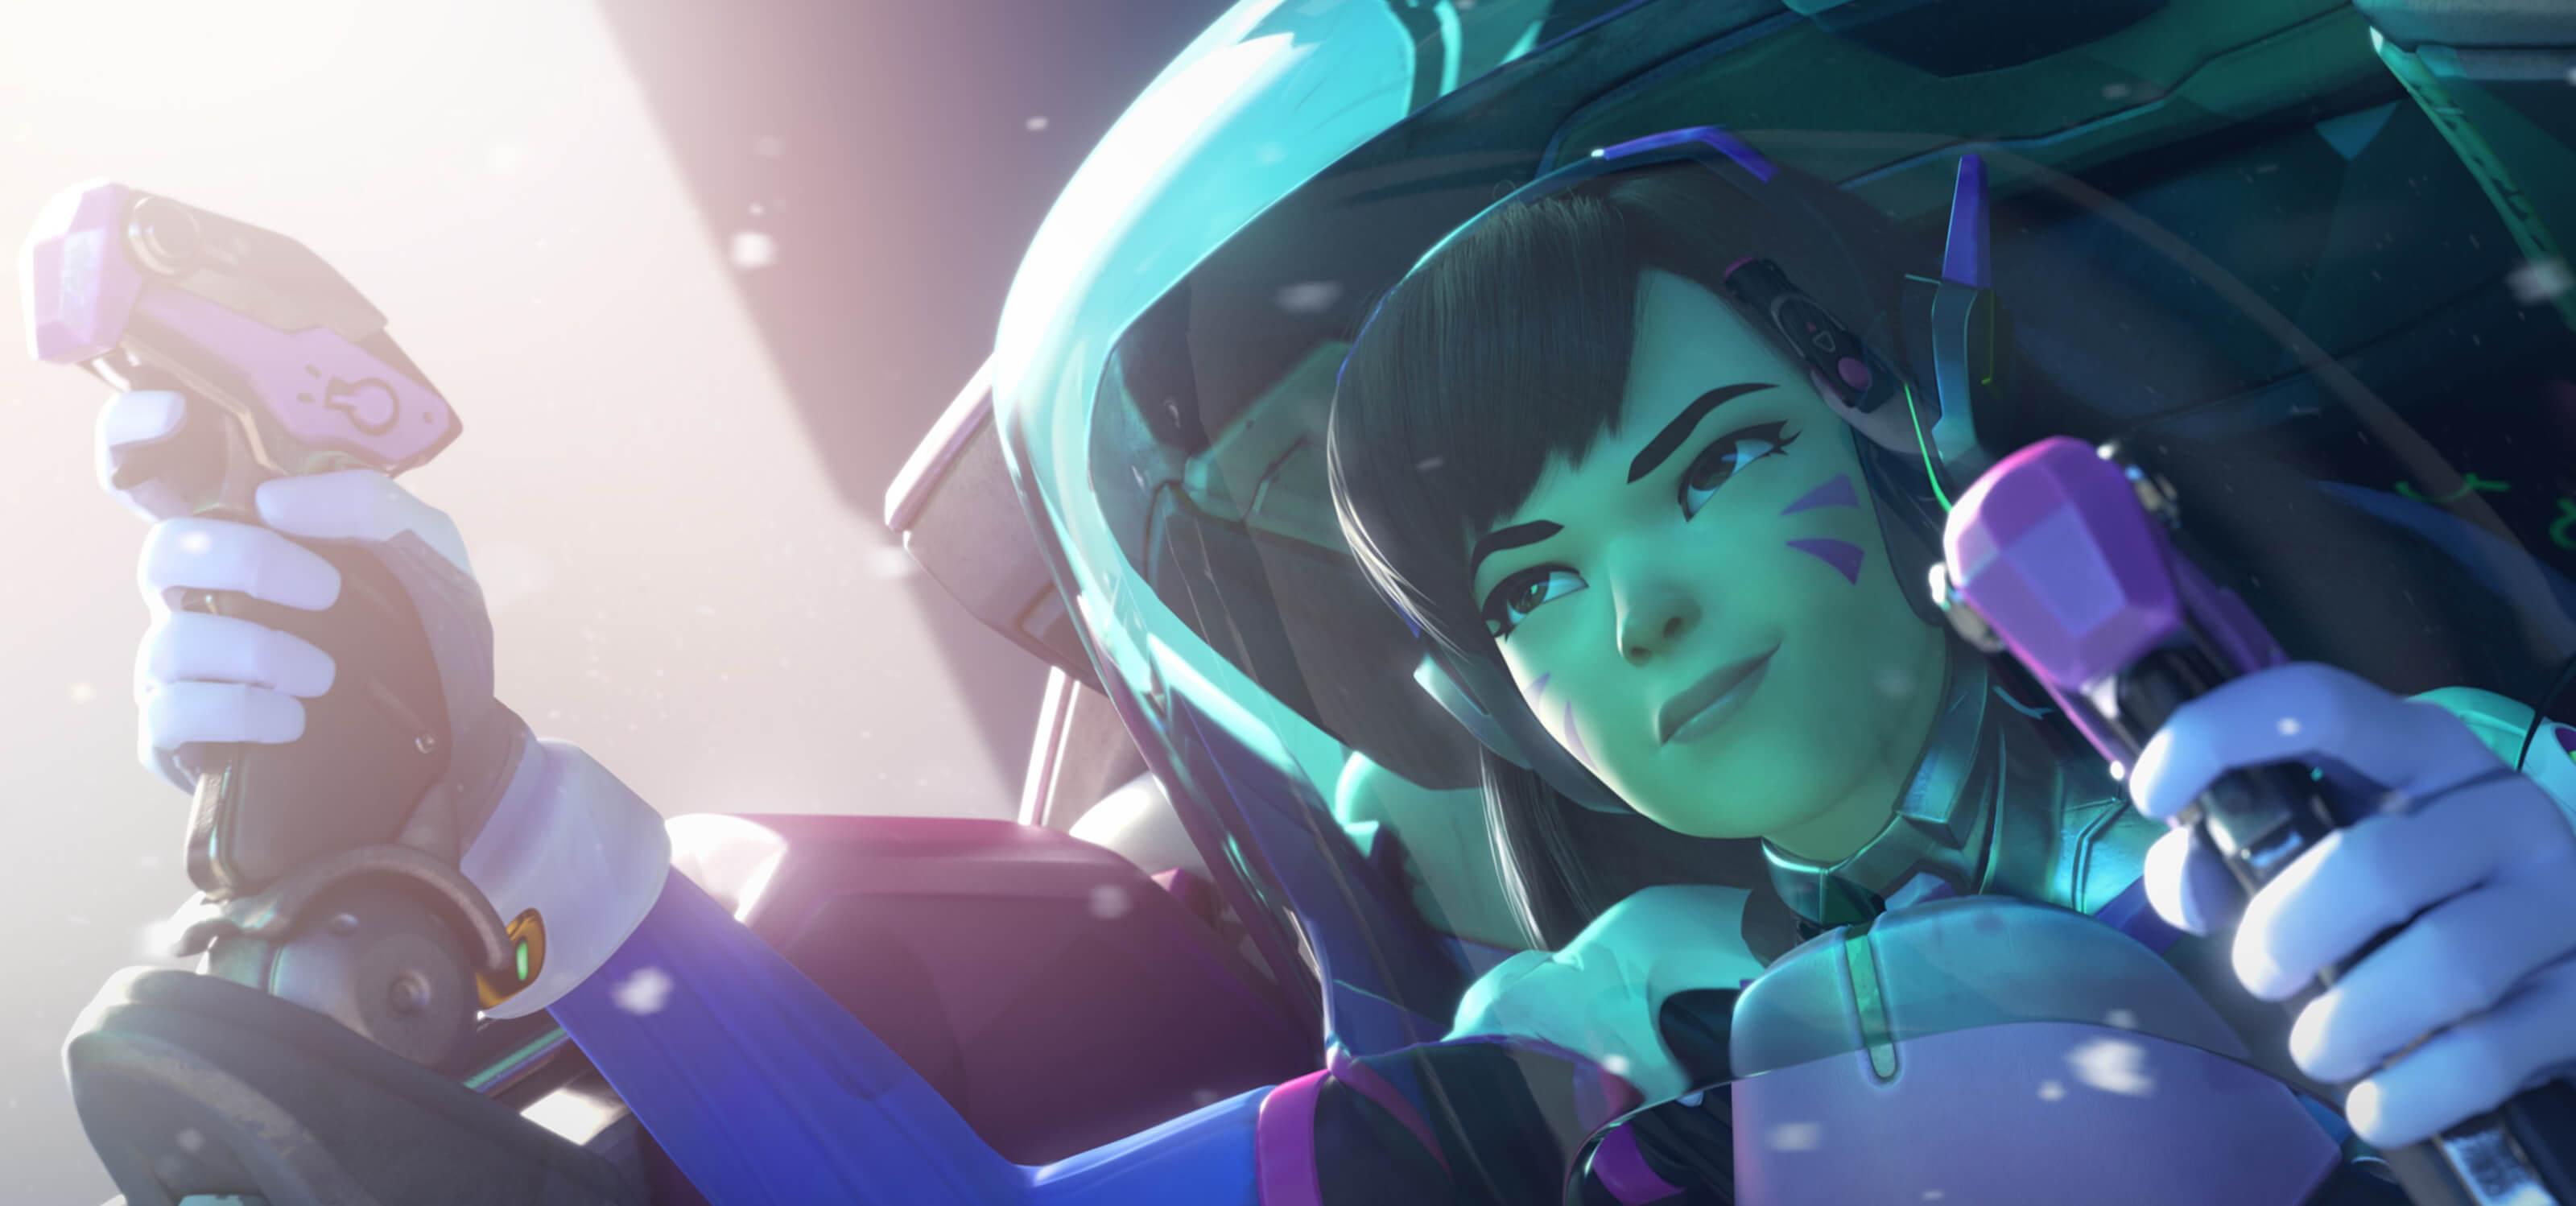 Screenshot of Overwatch character D.Va piloting her armored battle suit